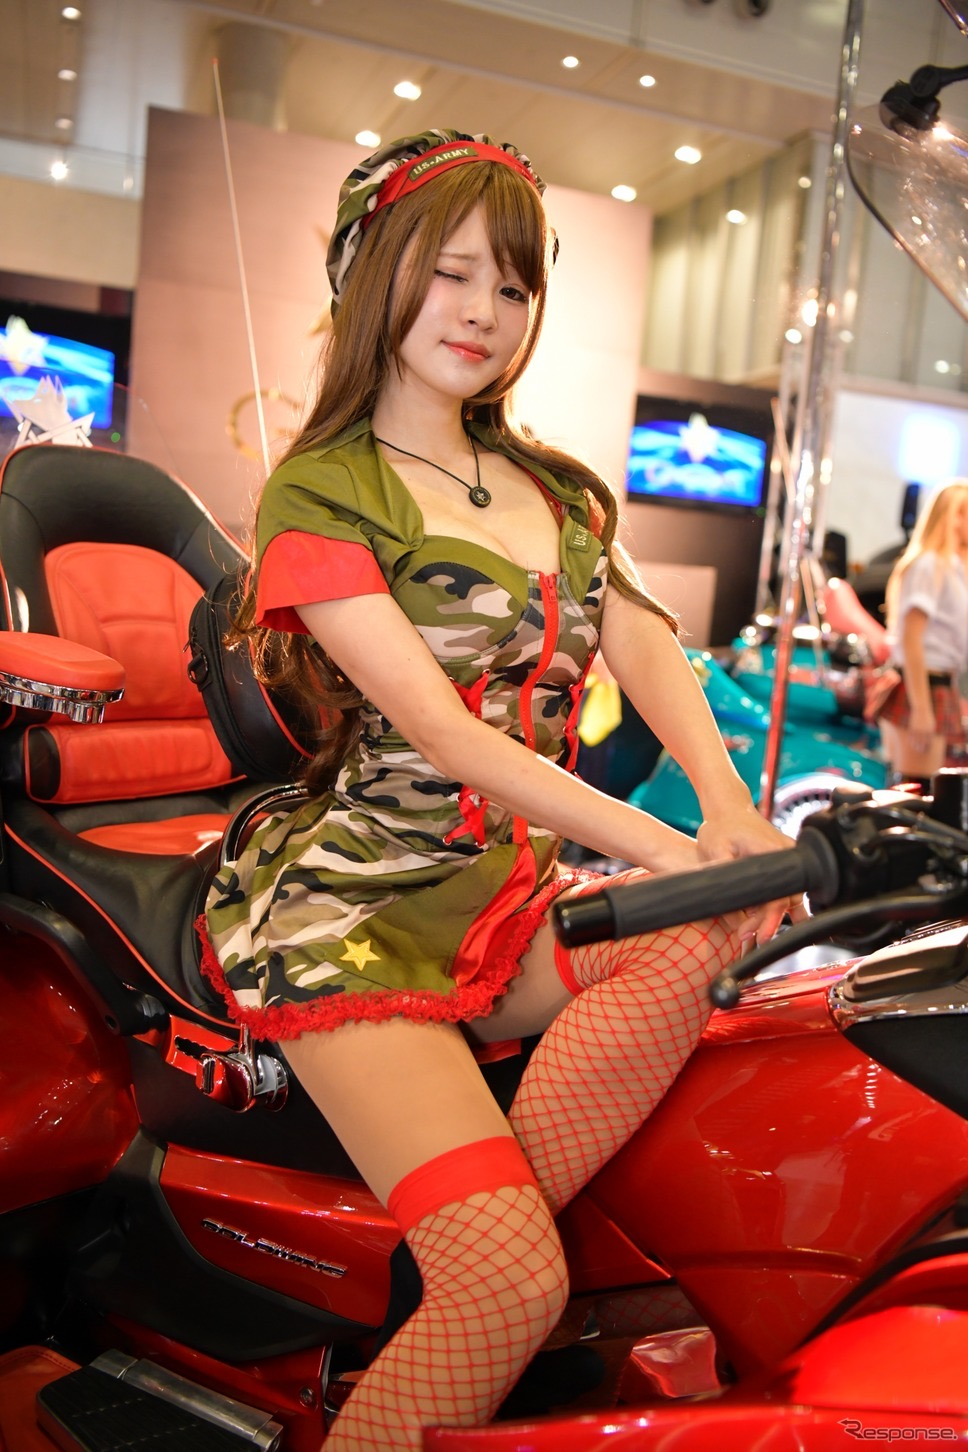 レースクイン・キャンギャル 24